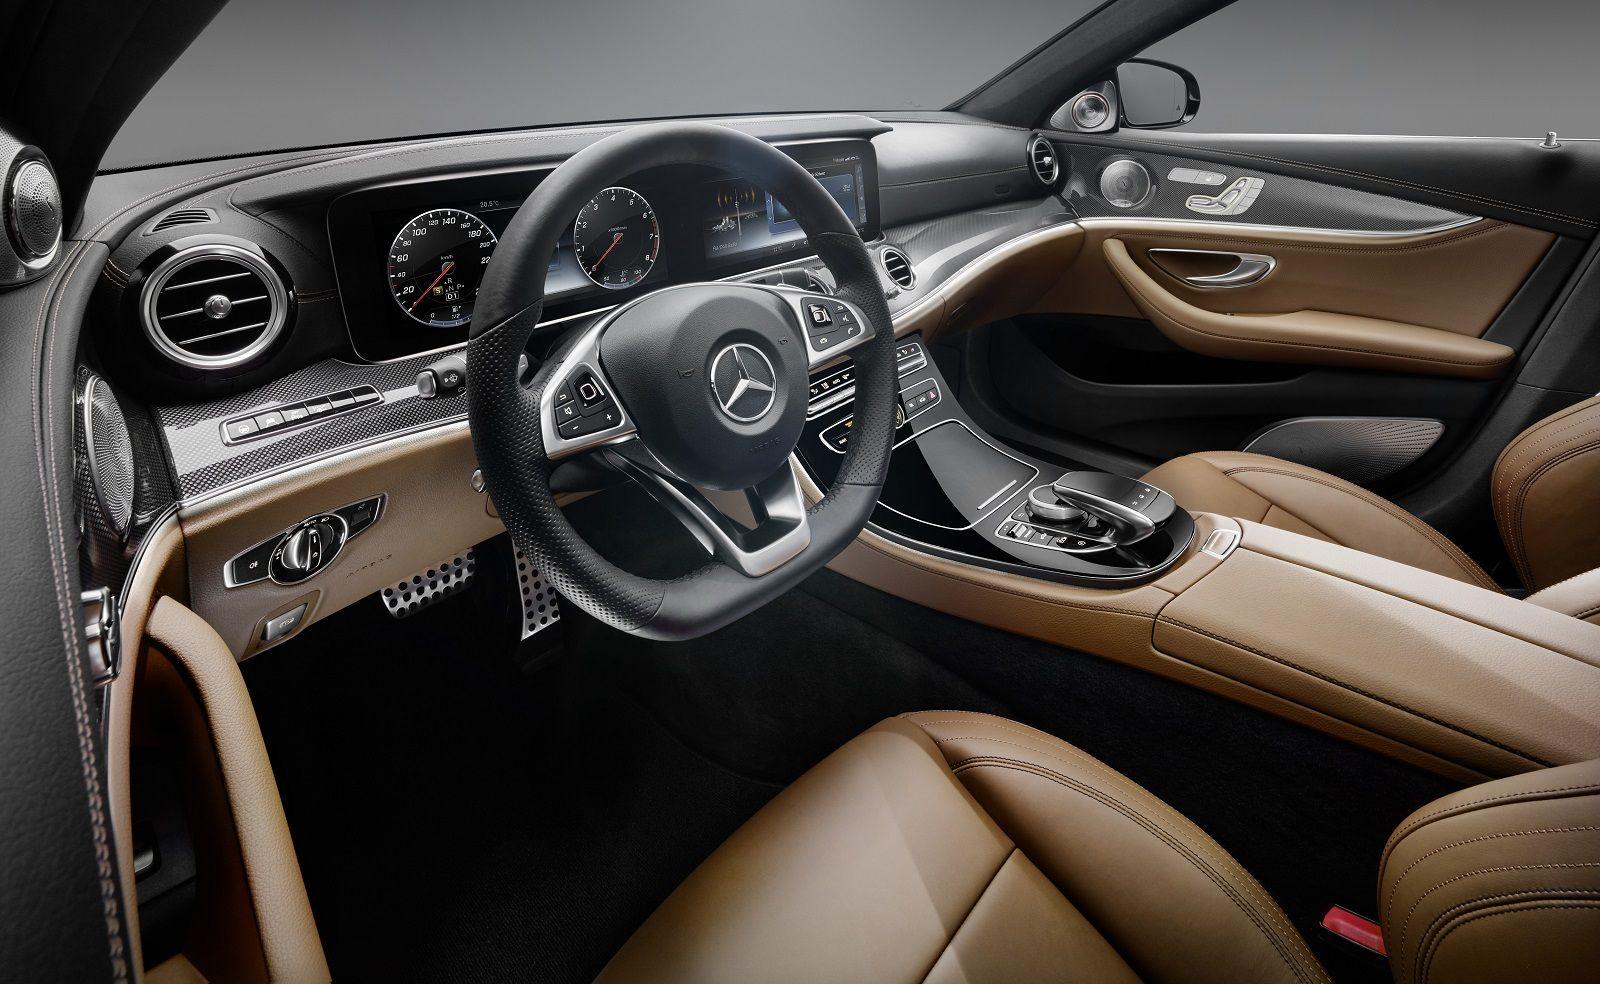 2017 Mercedes-Benz E-Class Interior Revealed, All-Glass Dash ...